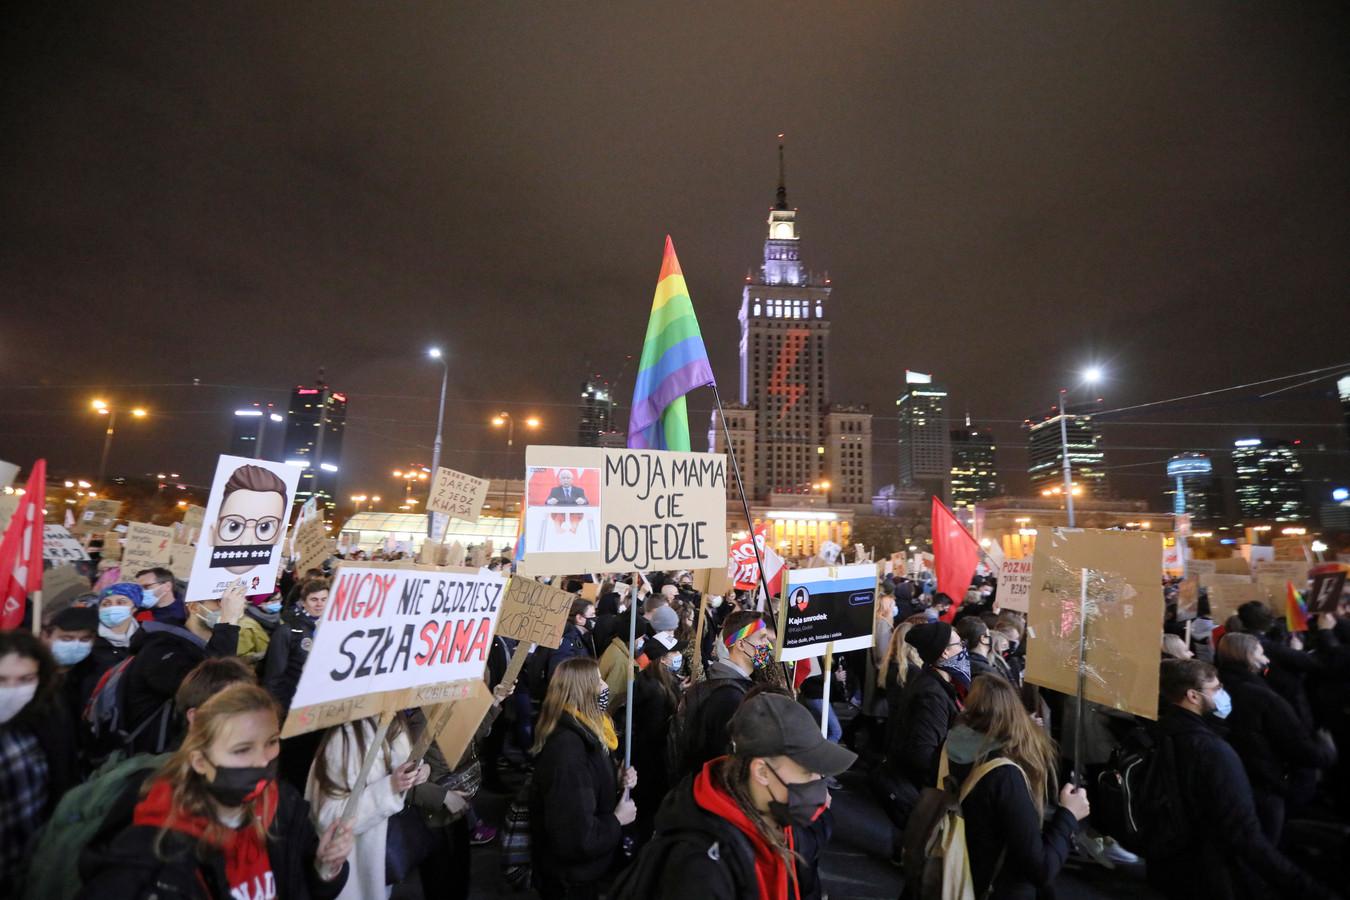 Demonstranten liepen met borden met daarop teksten als 'Ik wil veilig bevallen, niet voor een idee' en 'Mijn lichaam is mijn keuze'.